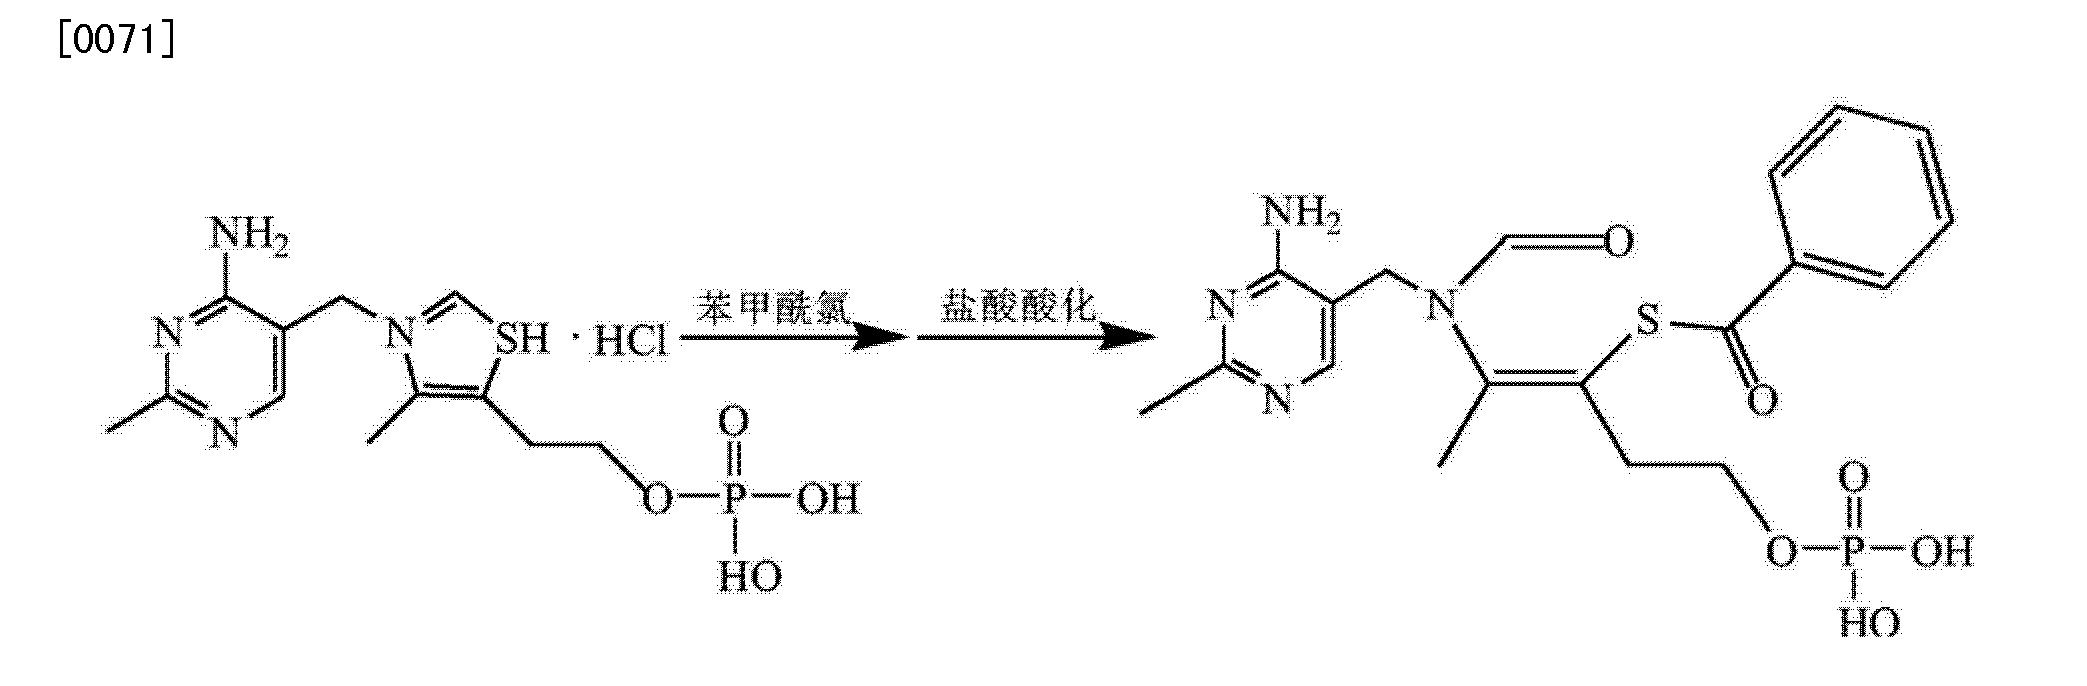 duolin mechanism of action